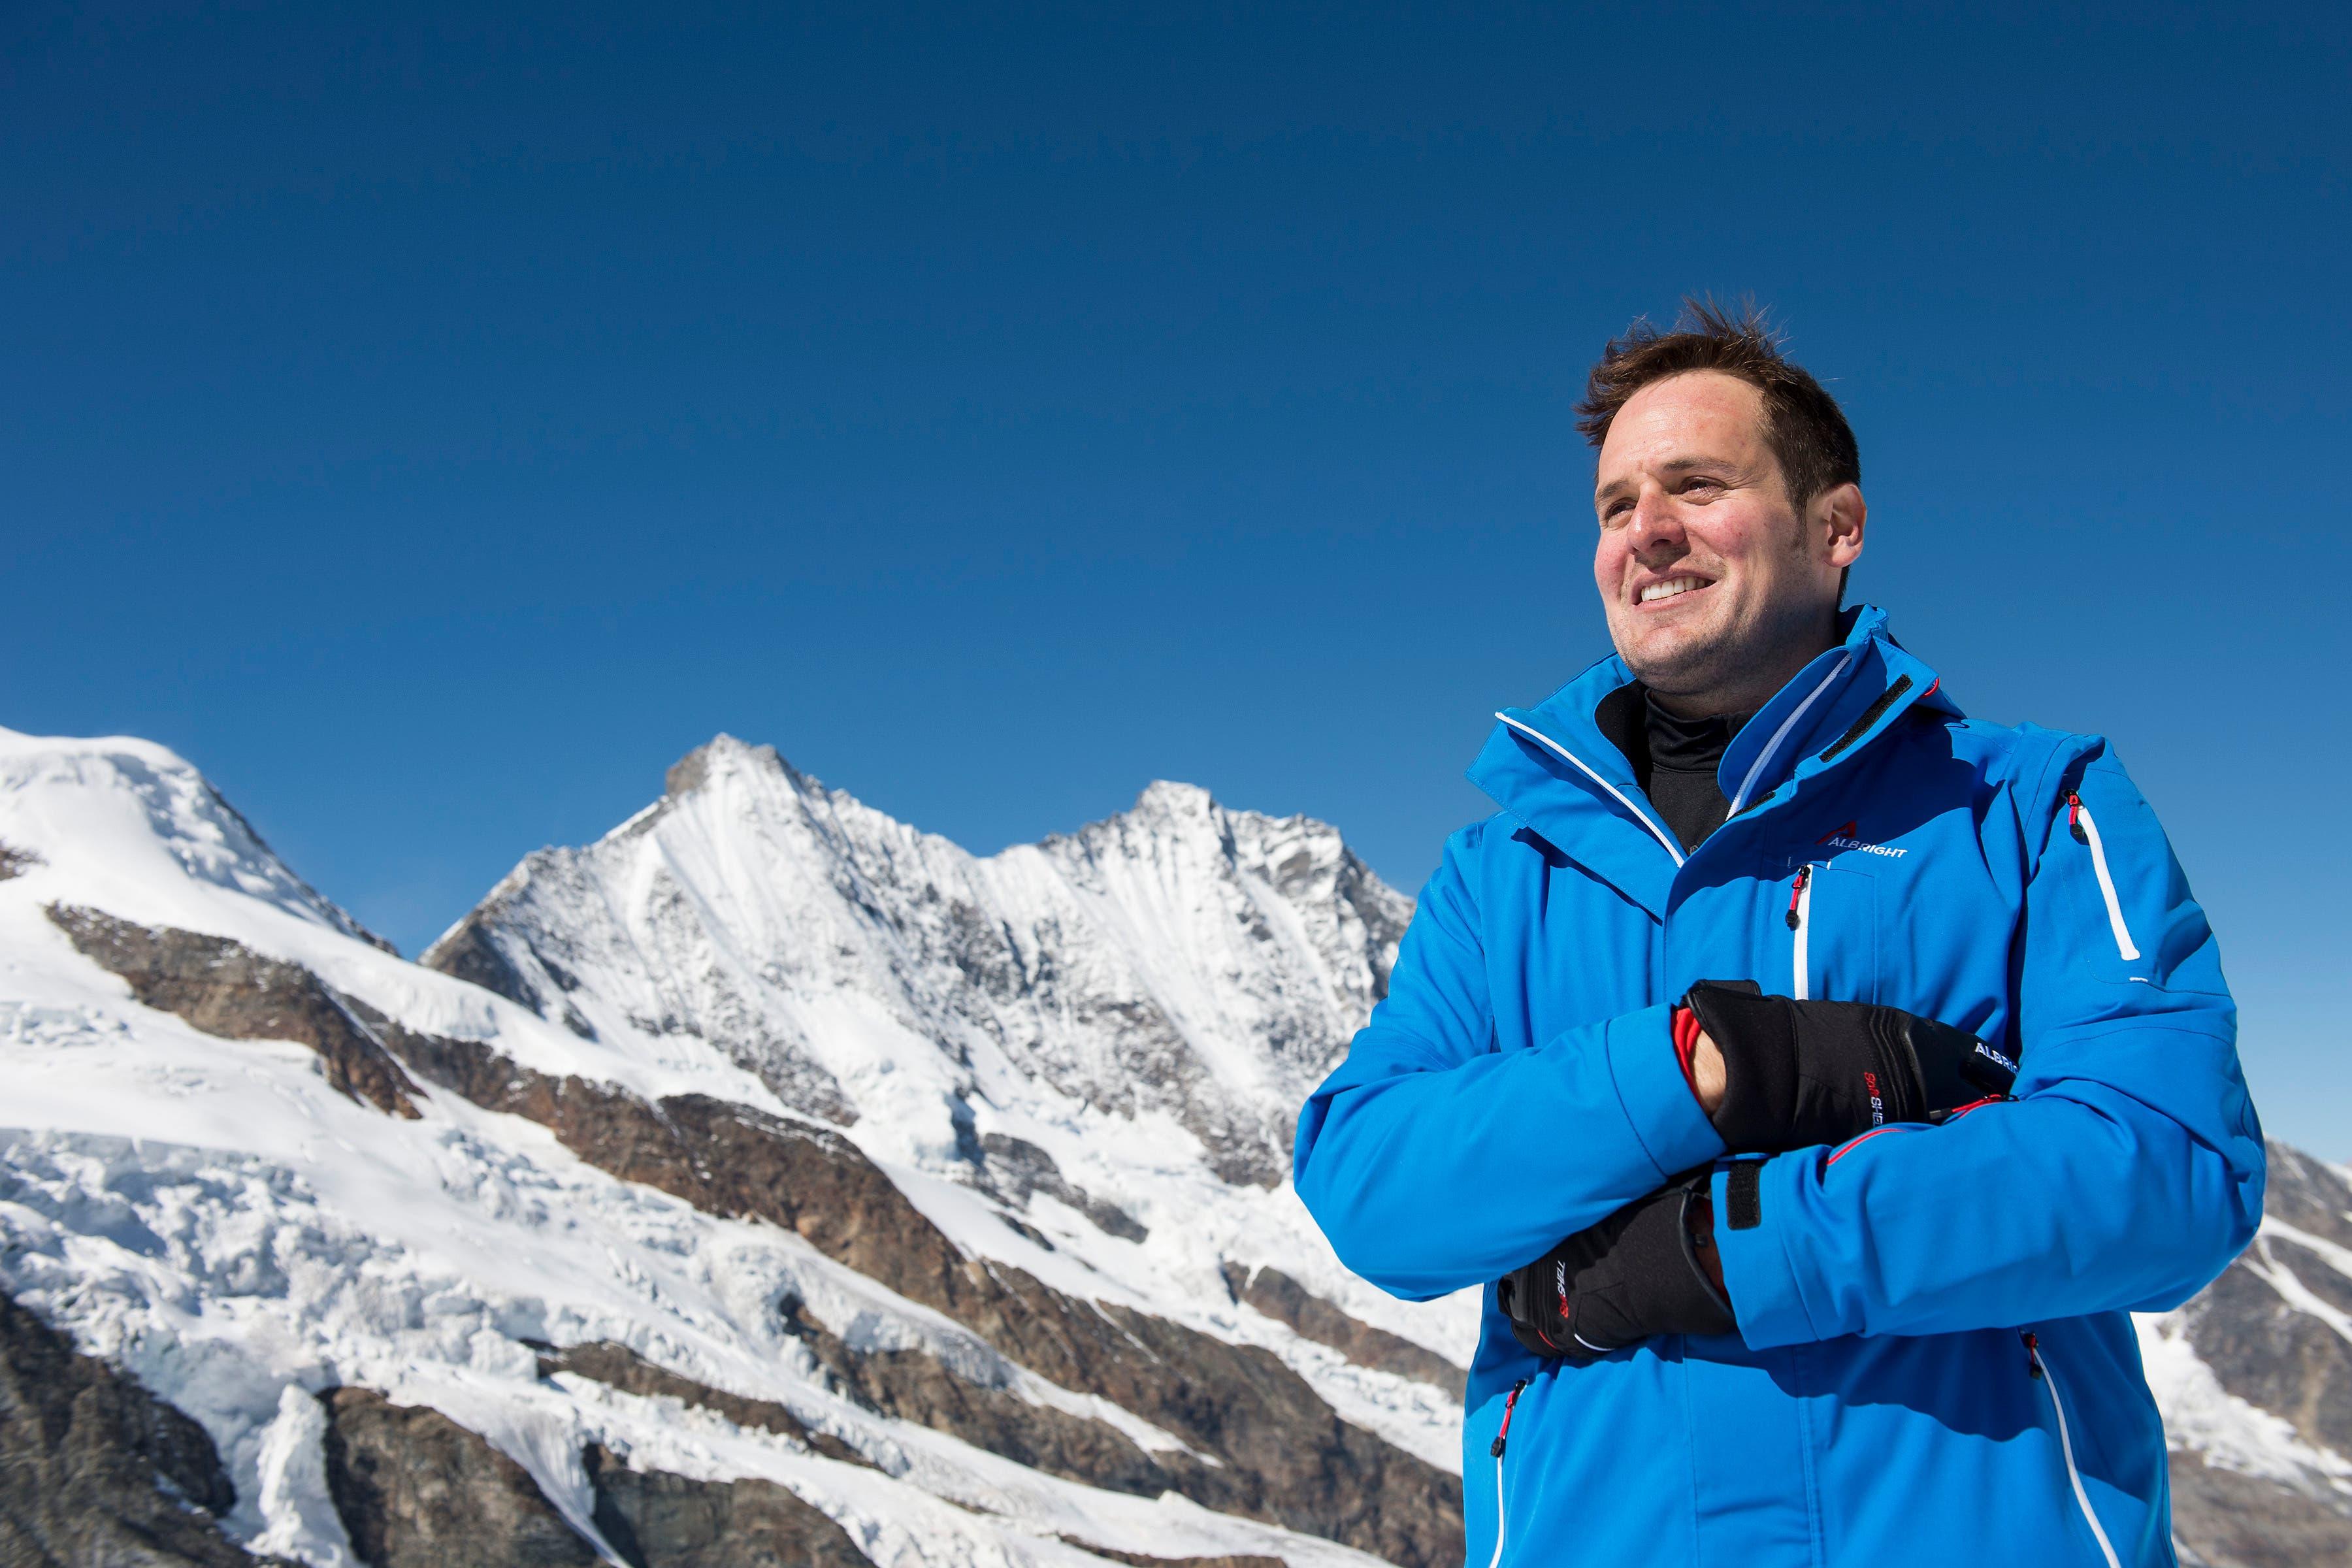 Der ehemalige Skifahrer Daniel Albrecht erlitt bei einem Rennen schwere Kopfverletzungen.